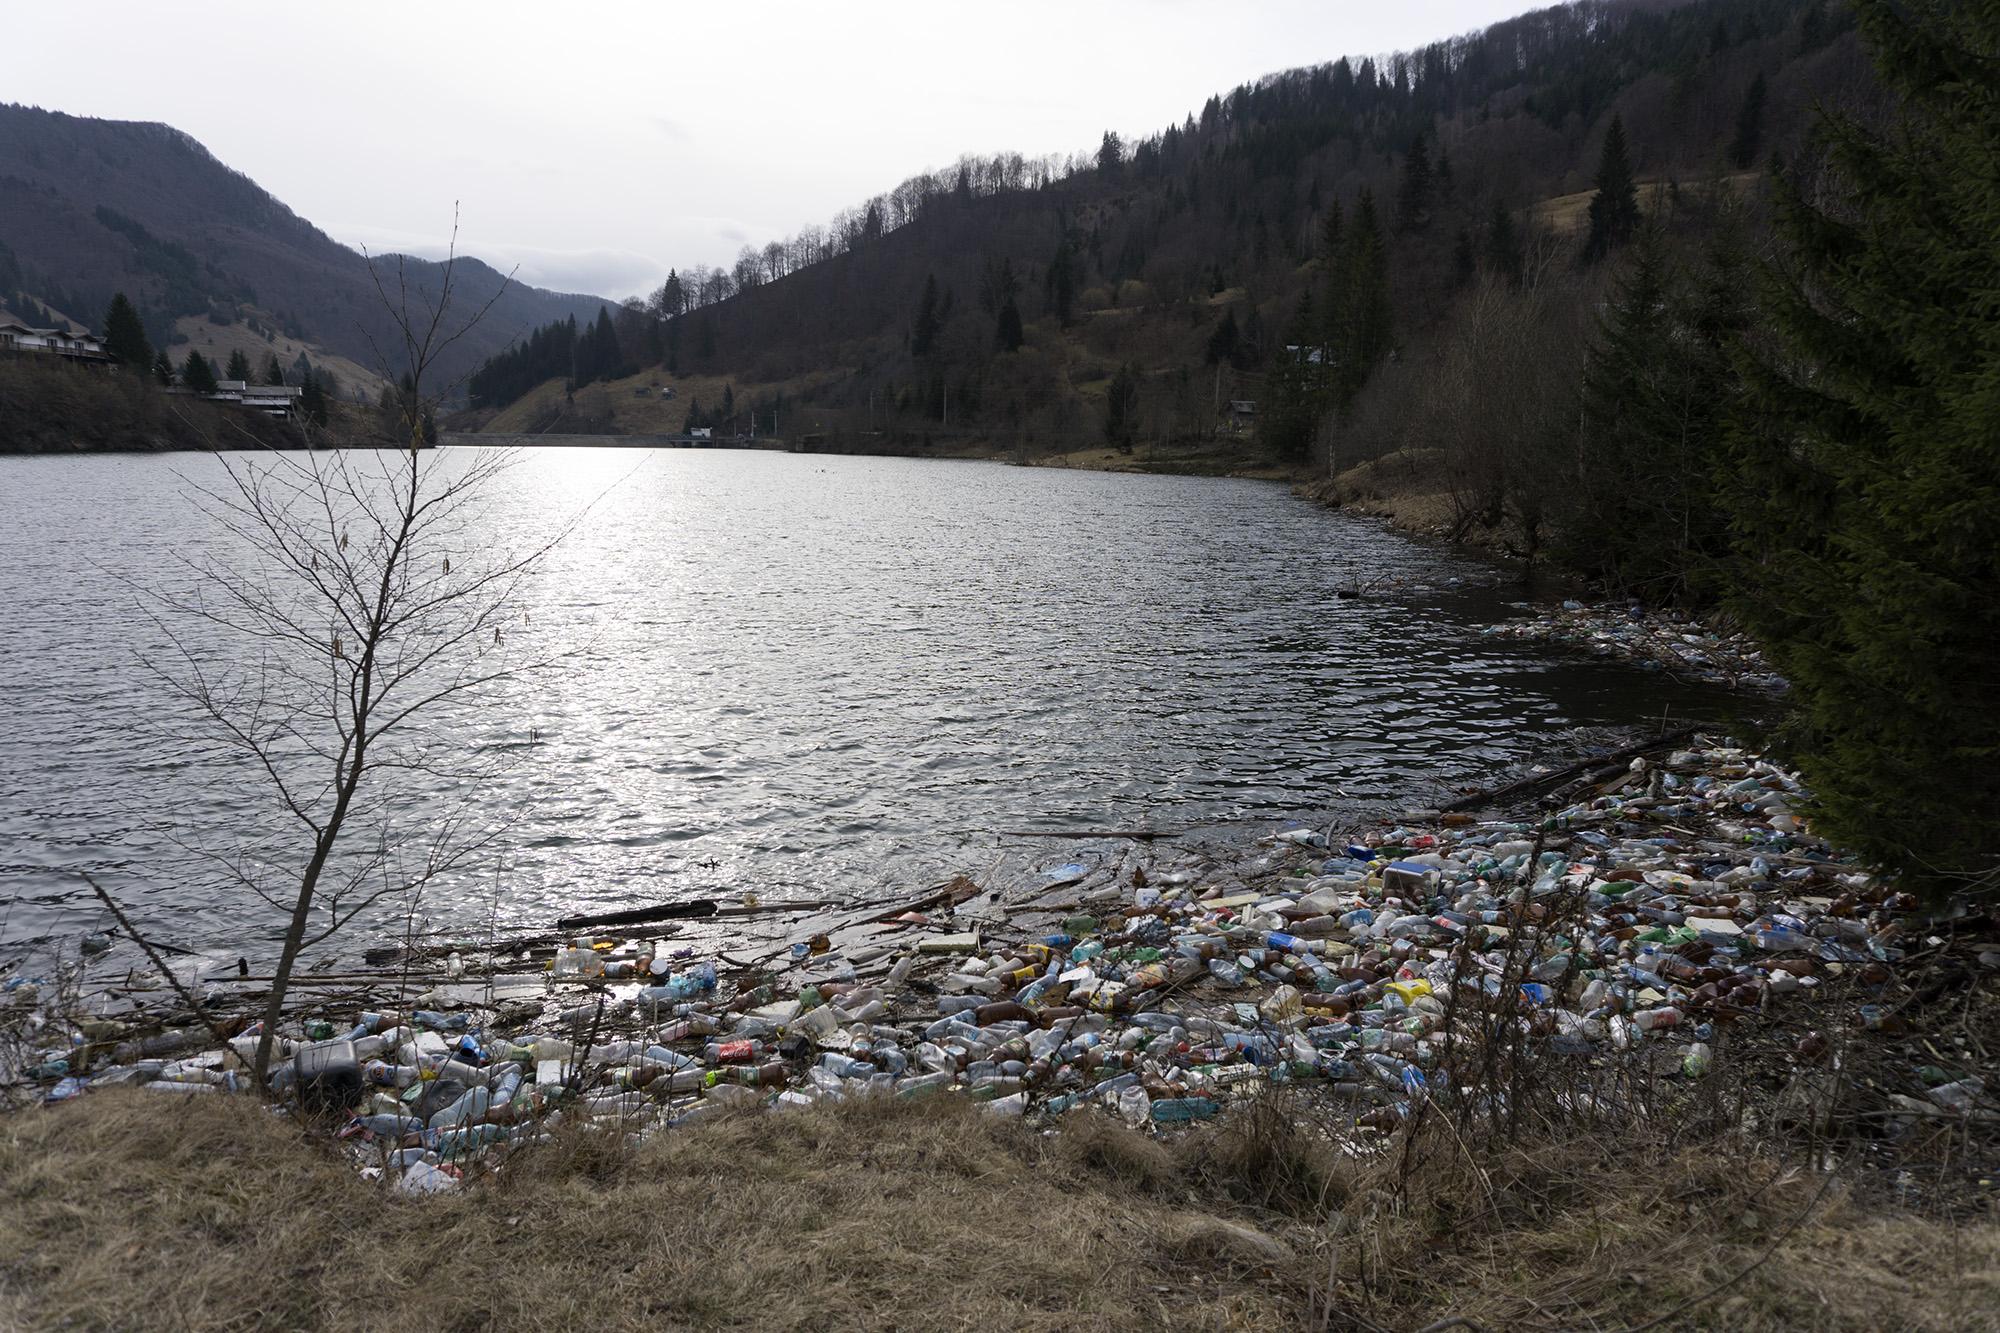 Un mic baraj pe Valea Dâmboviței, din Parcul Național Piatra Craiului, în dreptul localității Sătic. Foto: Raul Ștef